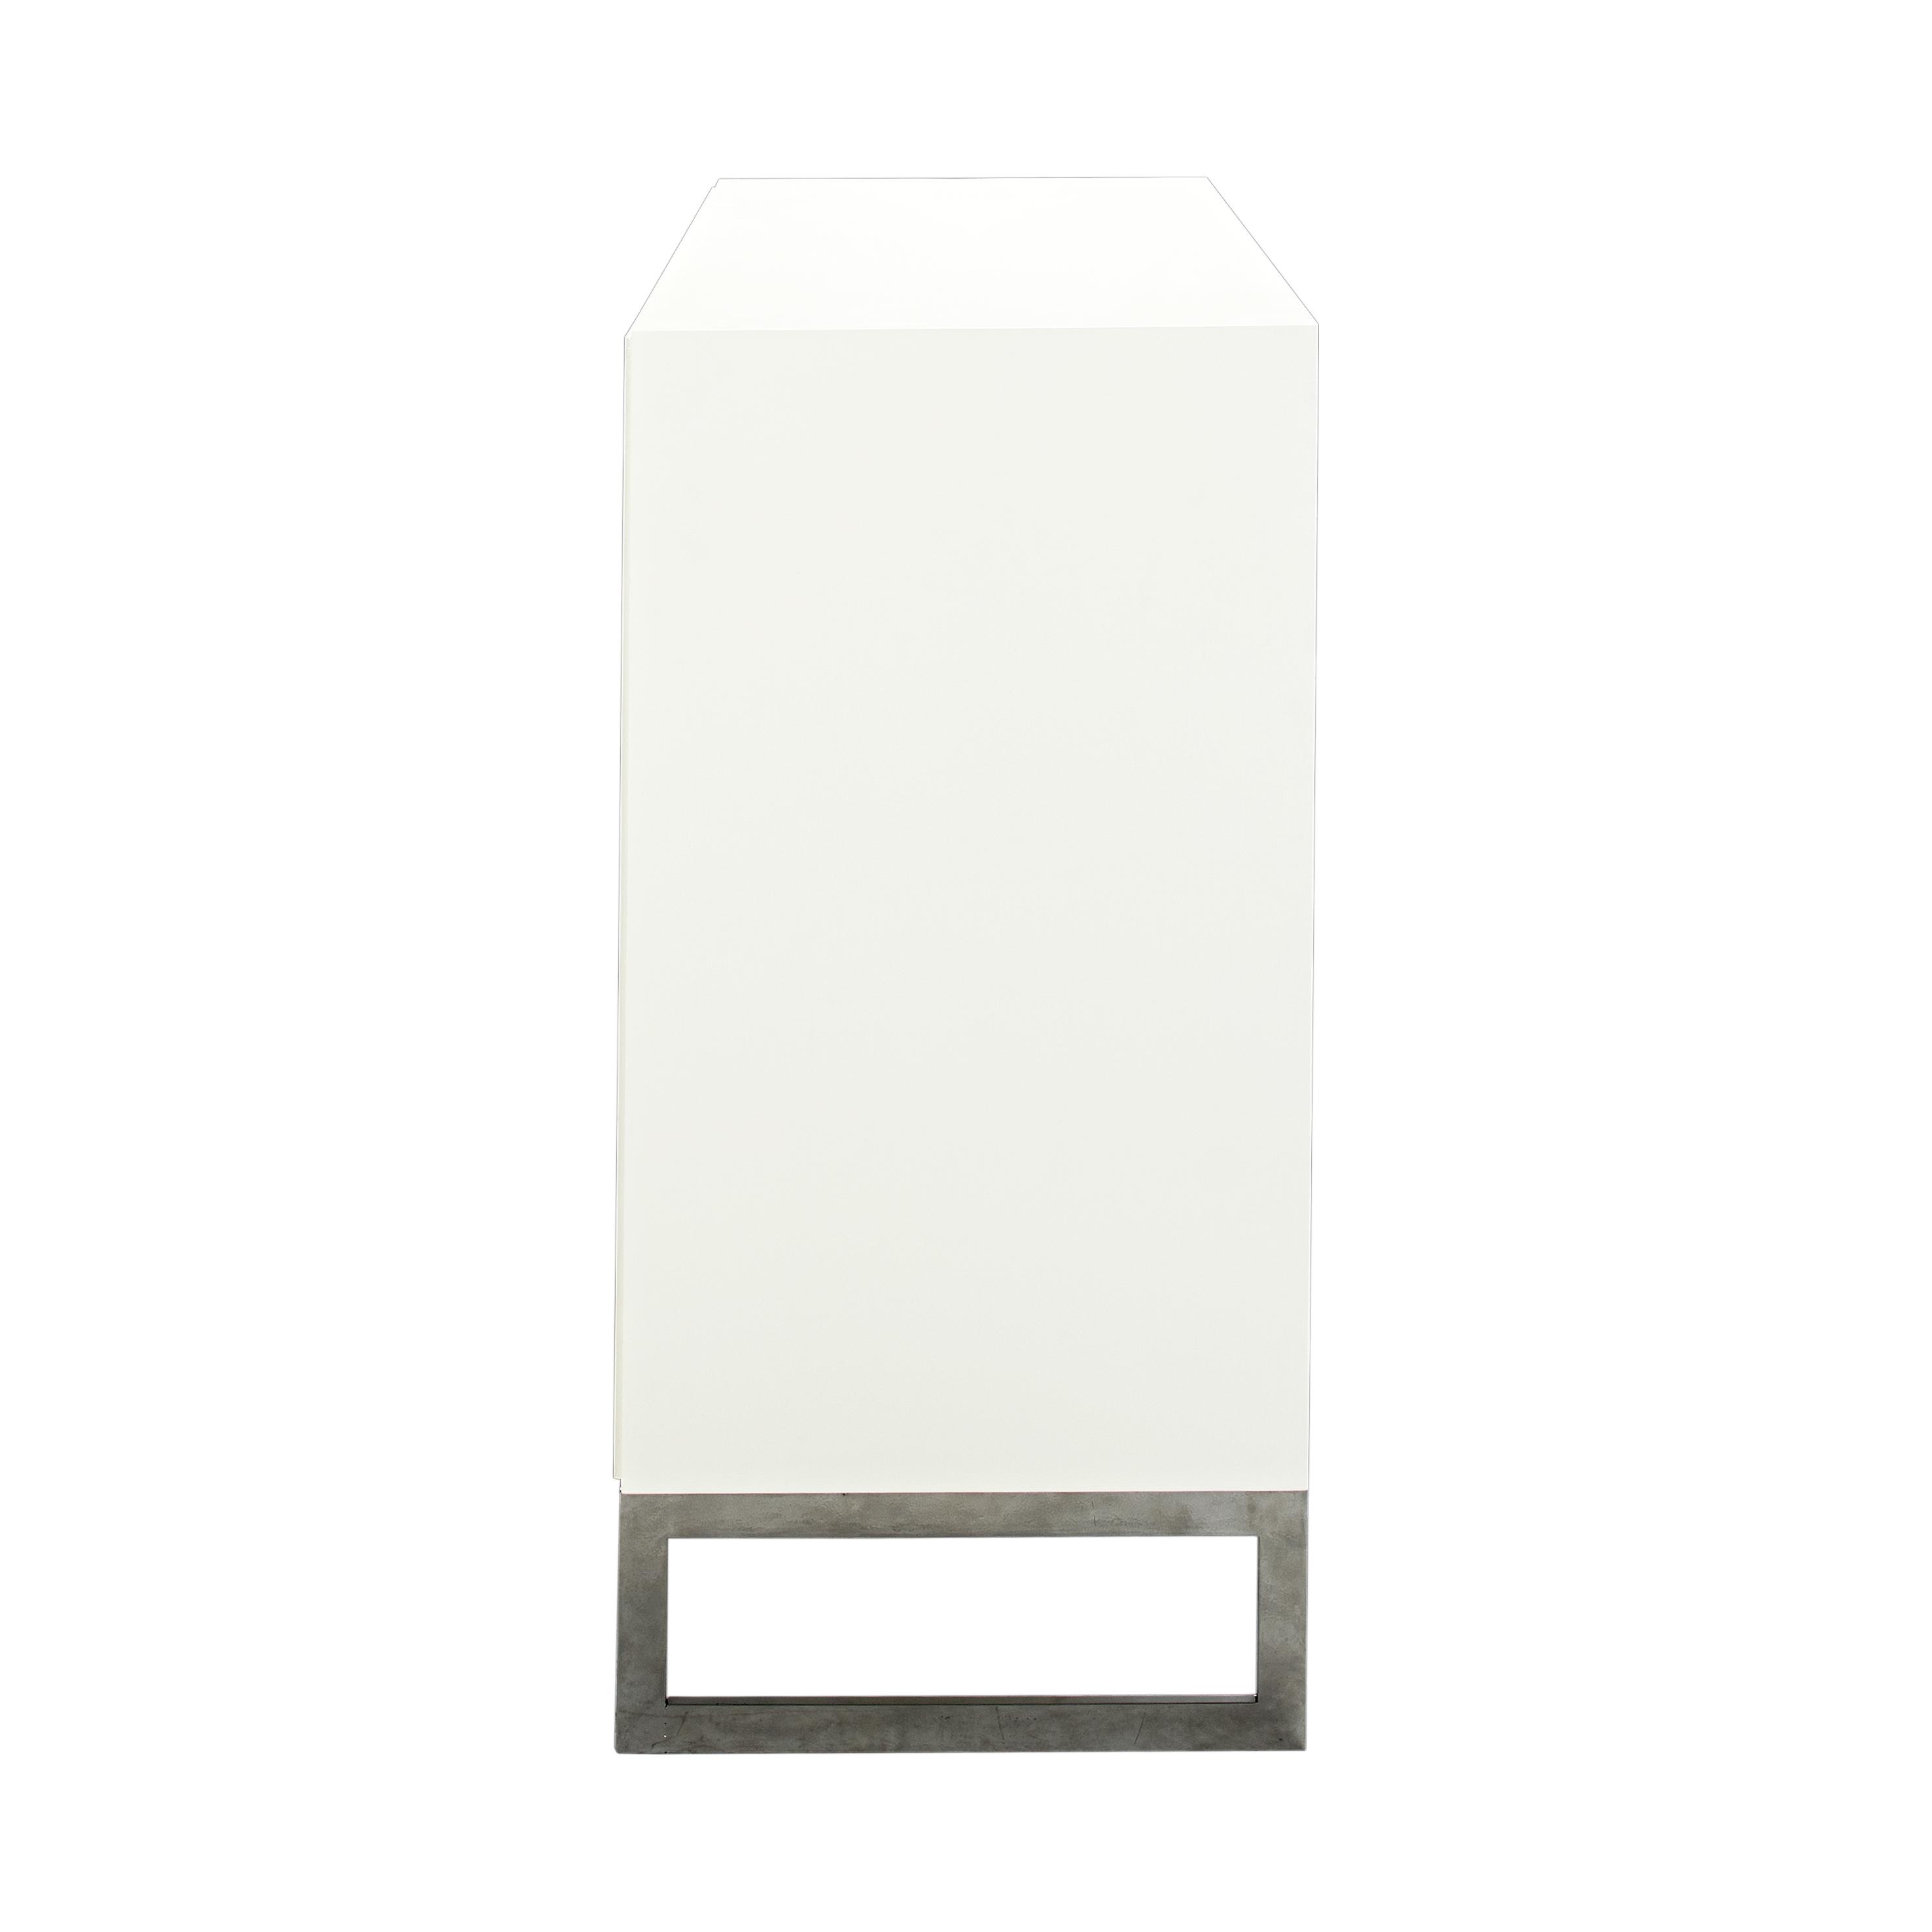 Line Byrå 3+3 lådor White med benställning från sidan - englesson.se